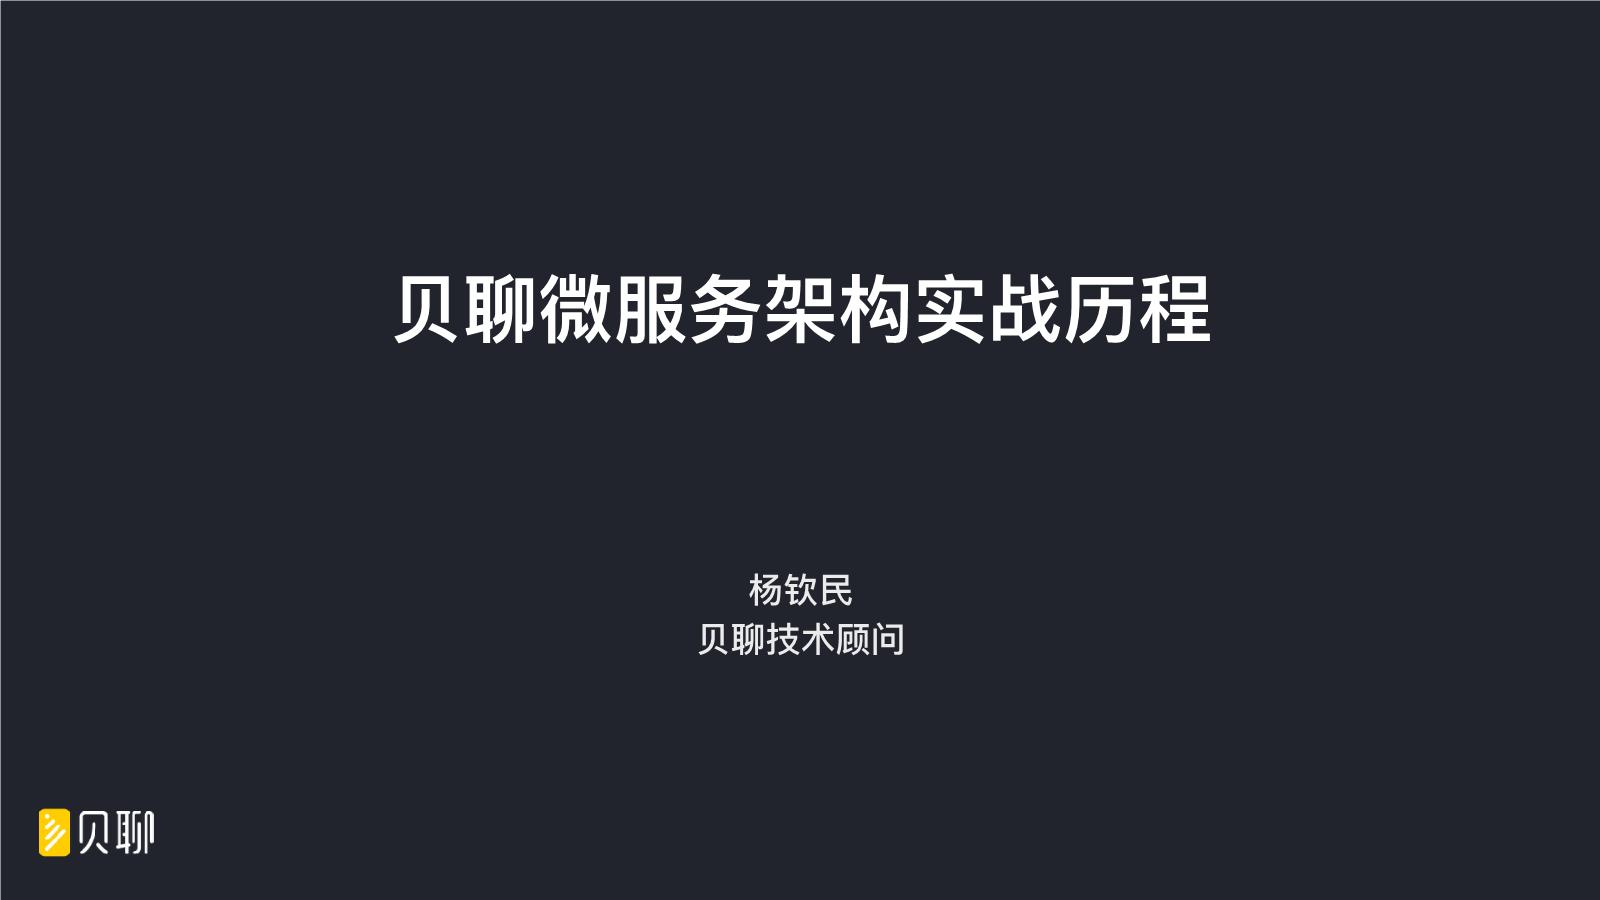 杨钦民-贝聊微服务架构实战历程